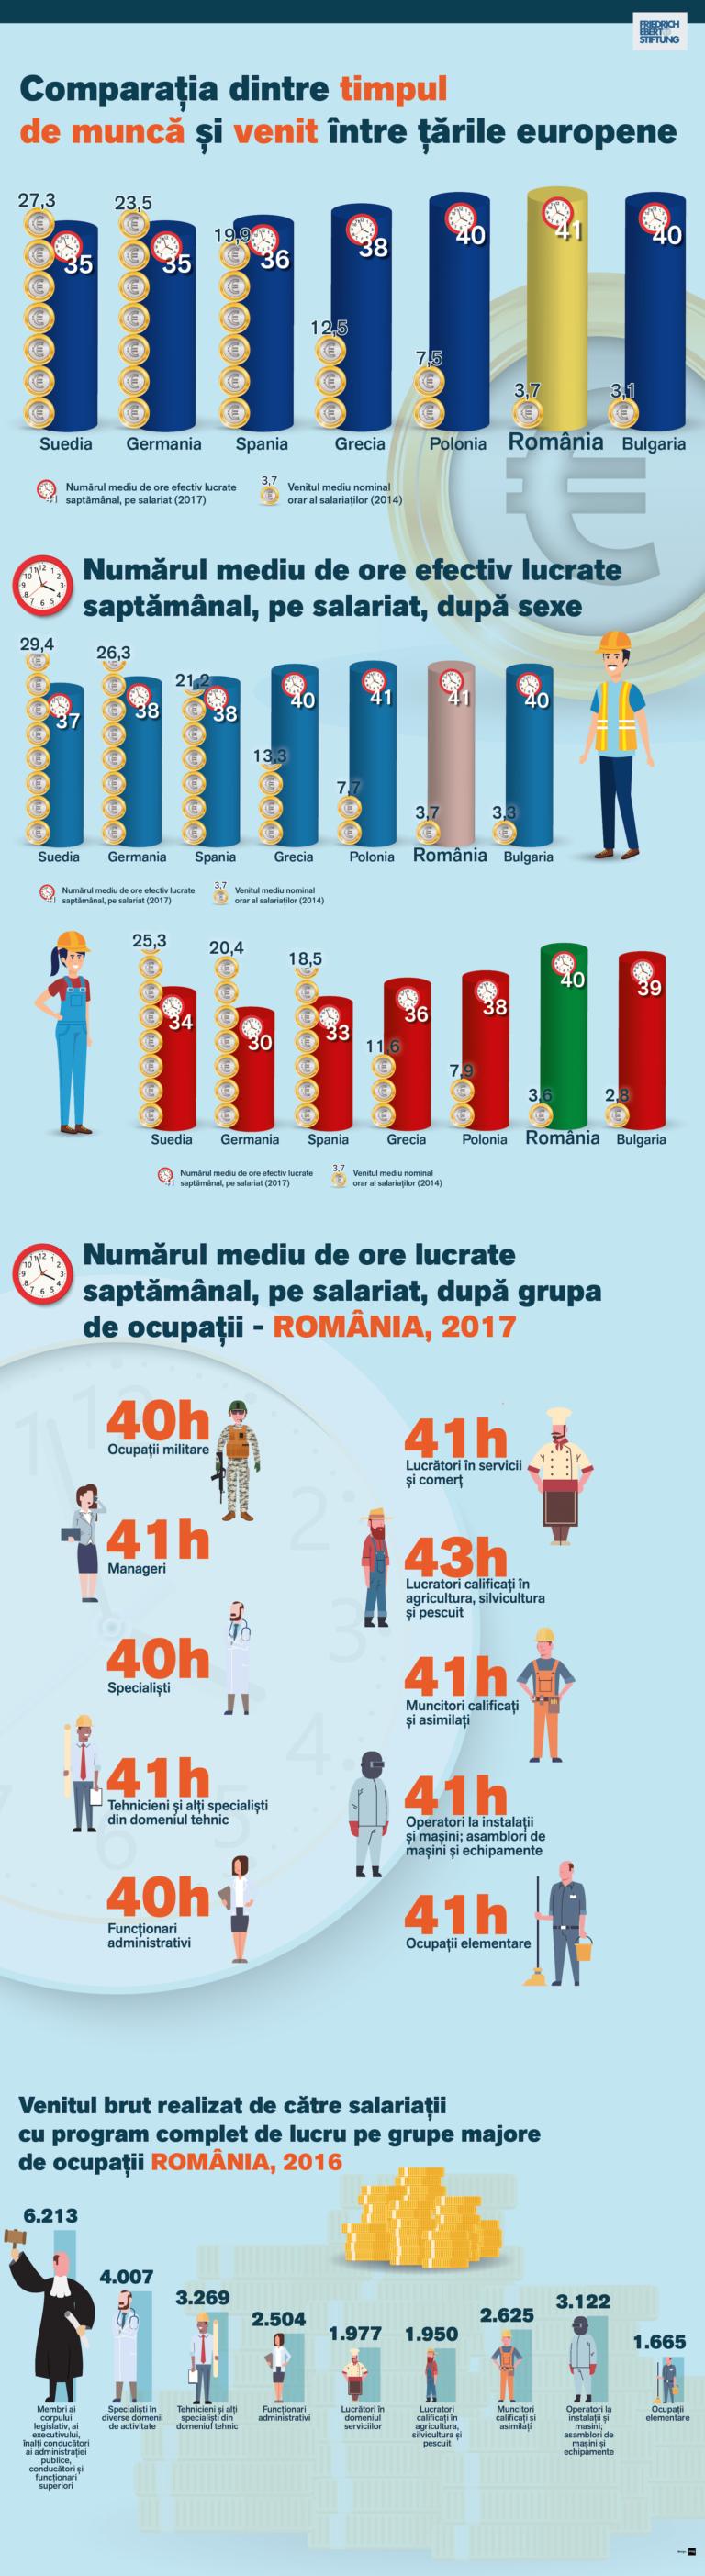 Un nou infografic despre raportul dintre timpul de muncă și veniturile  românilor